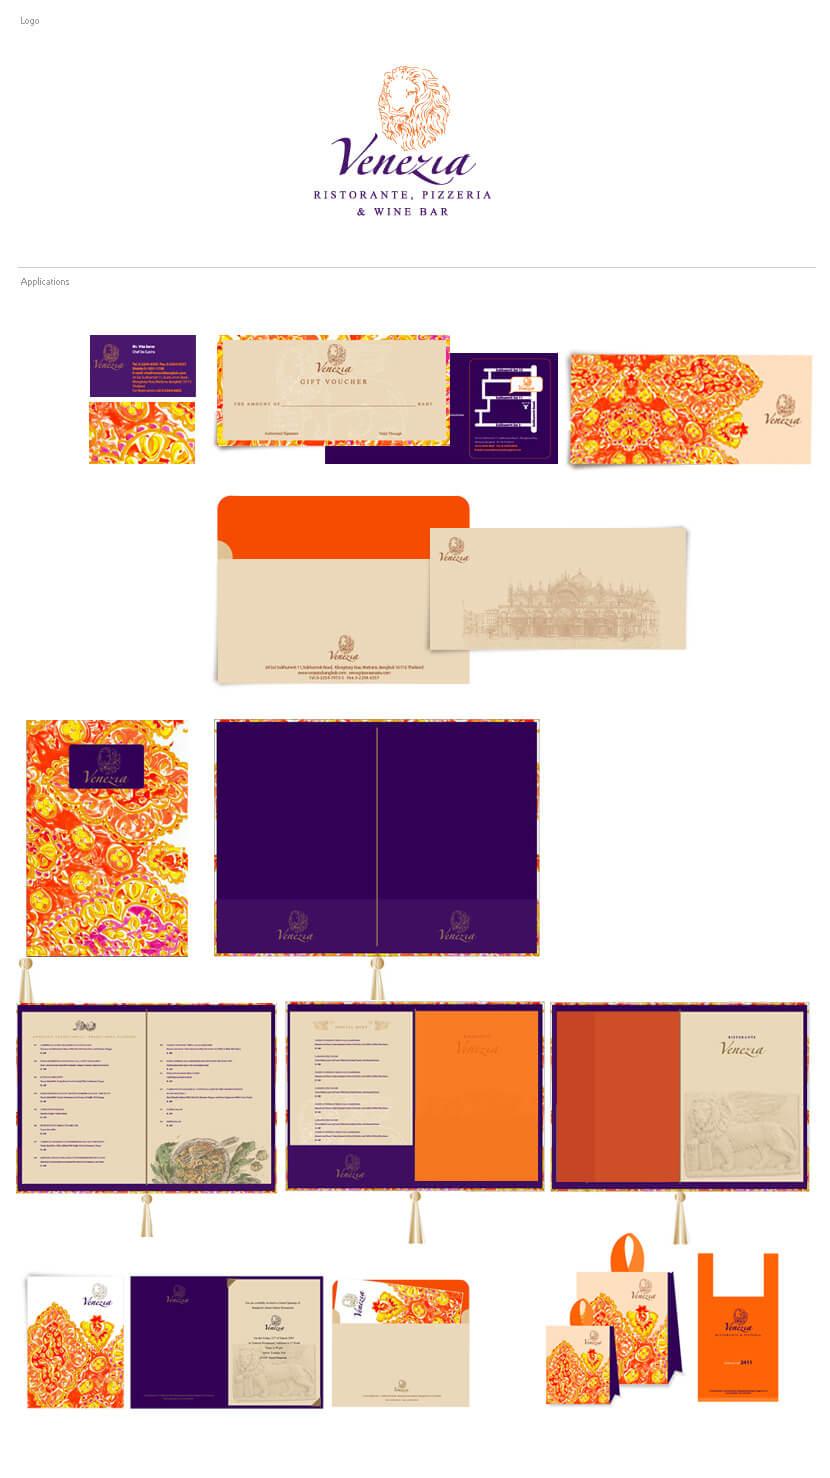 Print Design - Venezia Ristorante